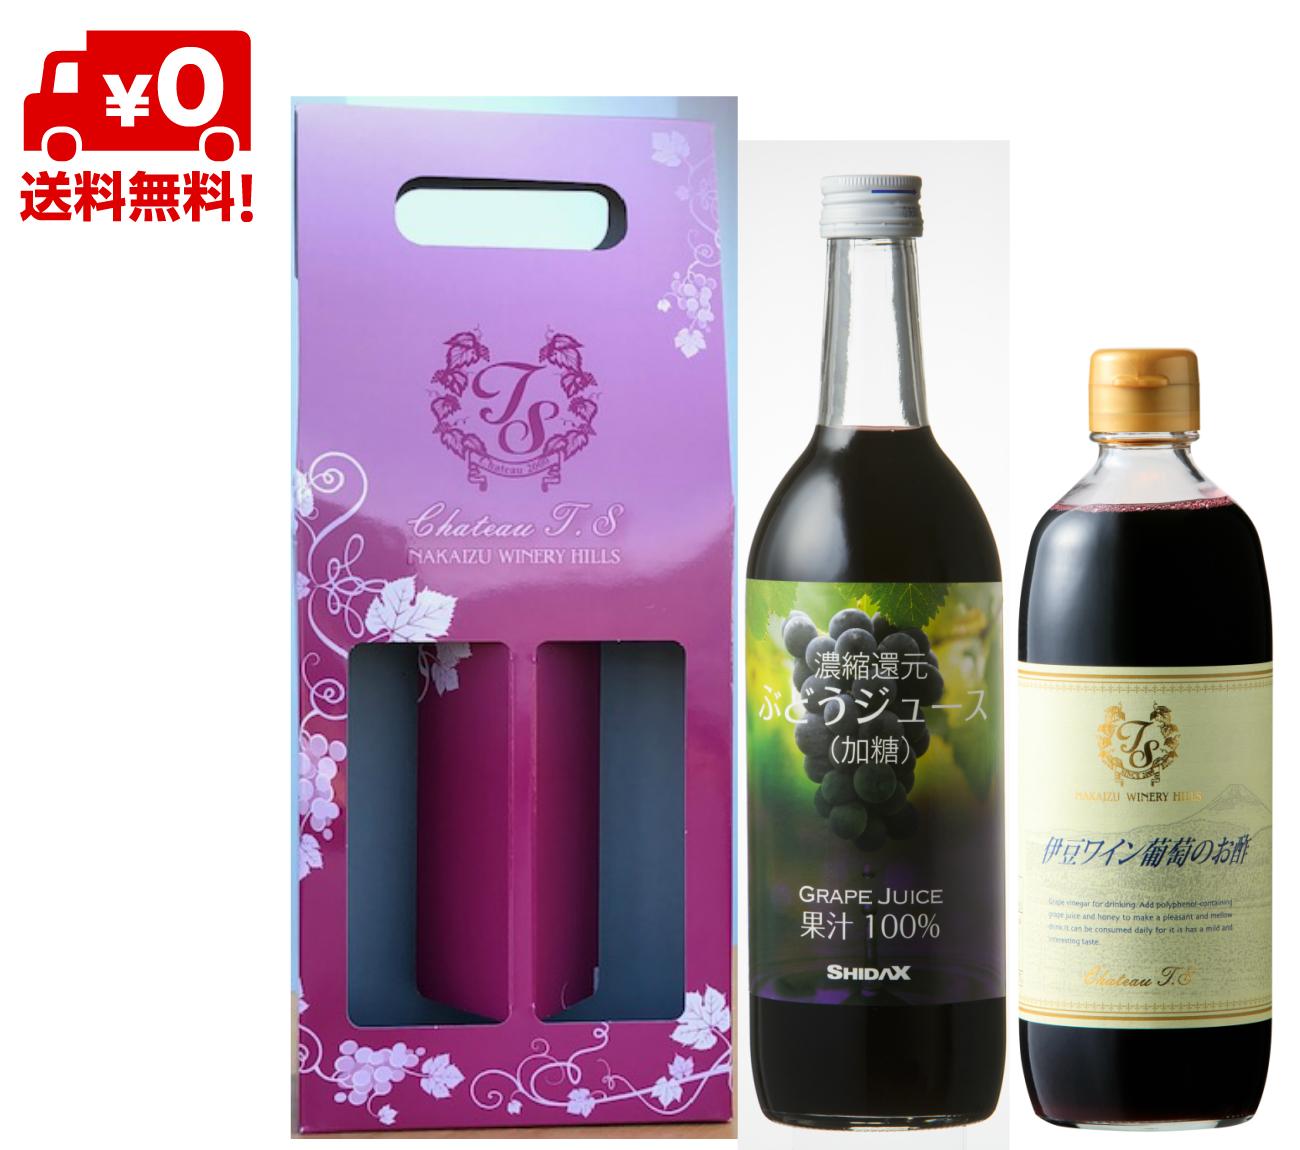 19夏ギフトDお酢ジュース